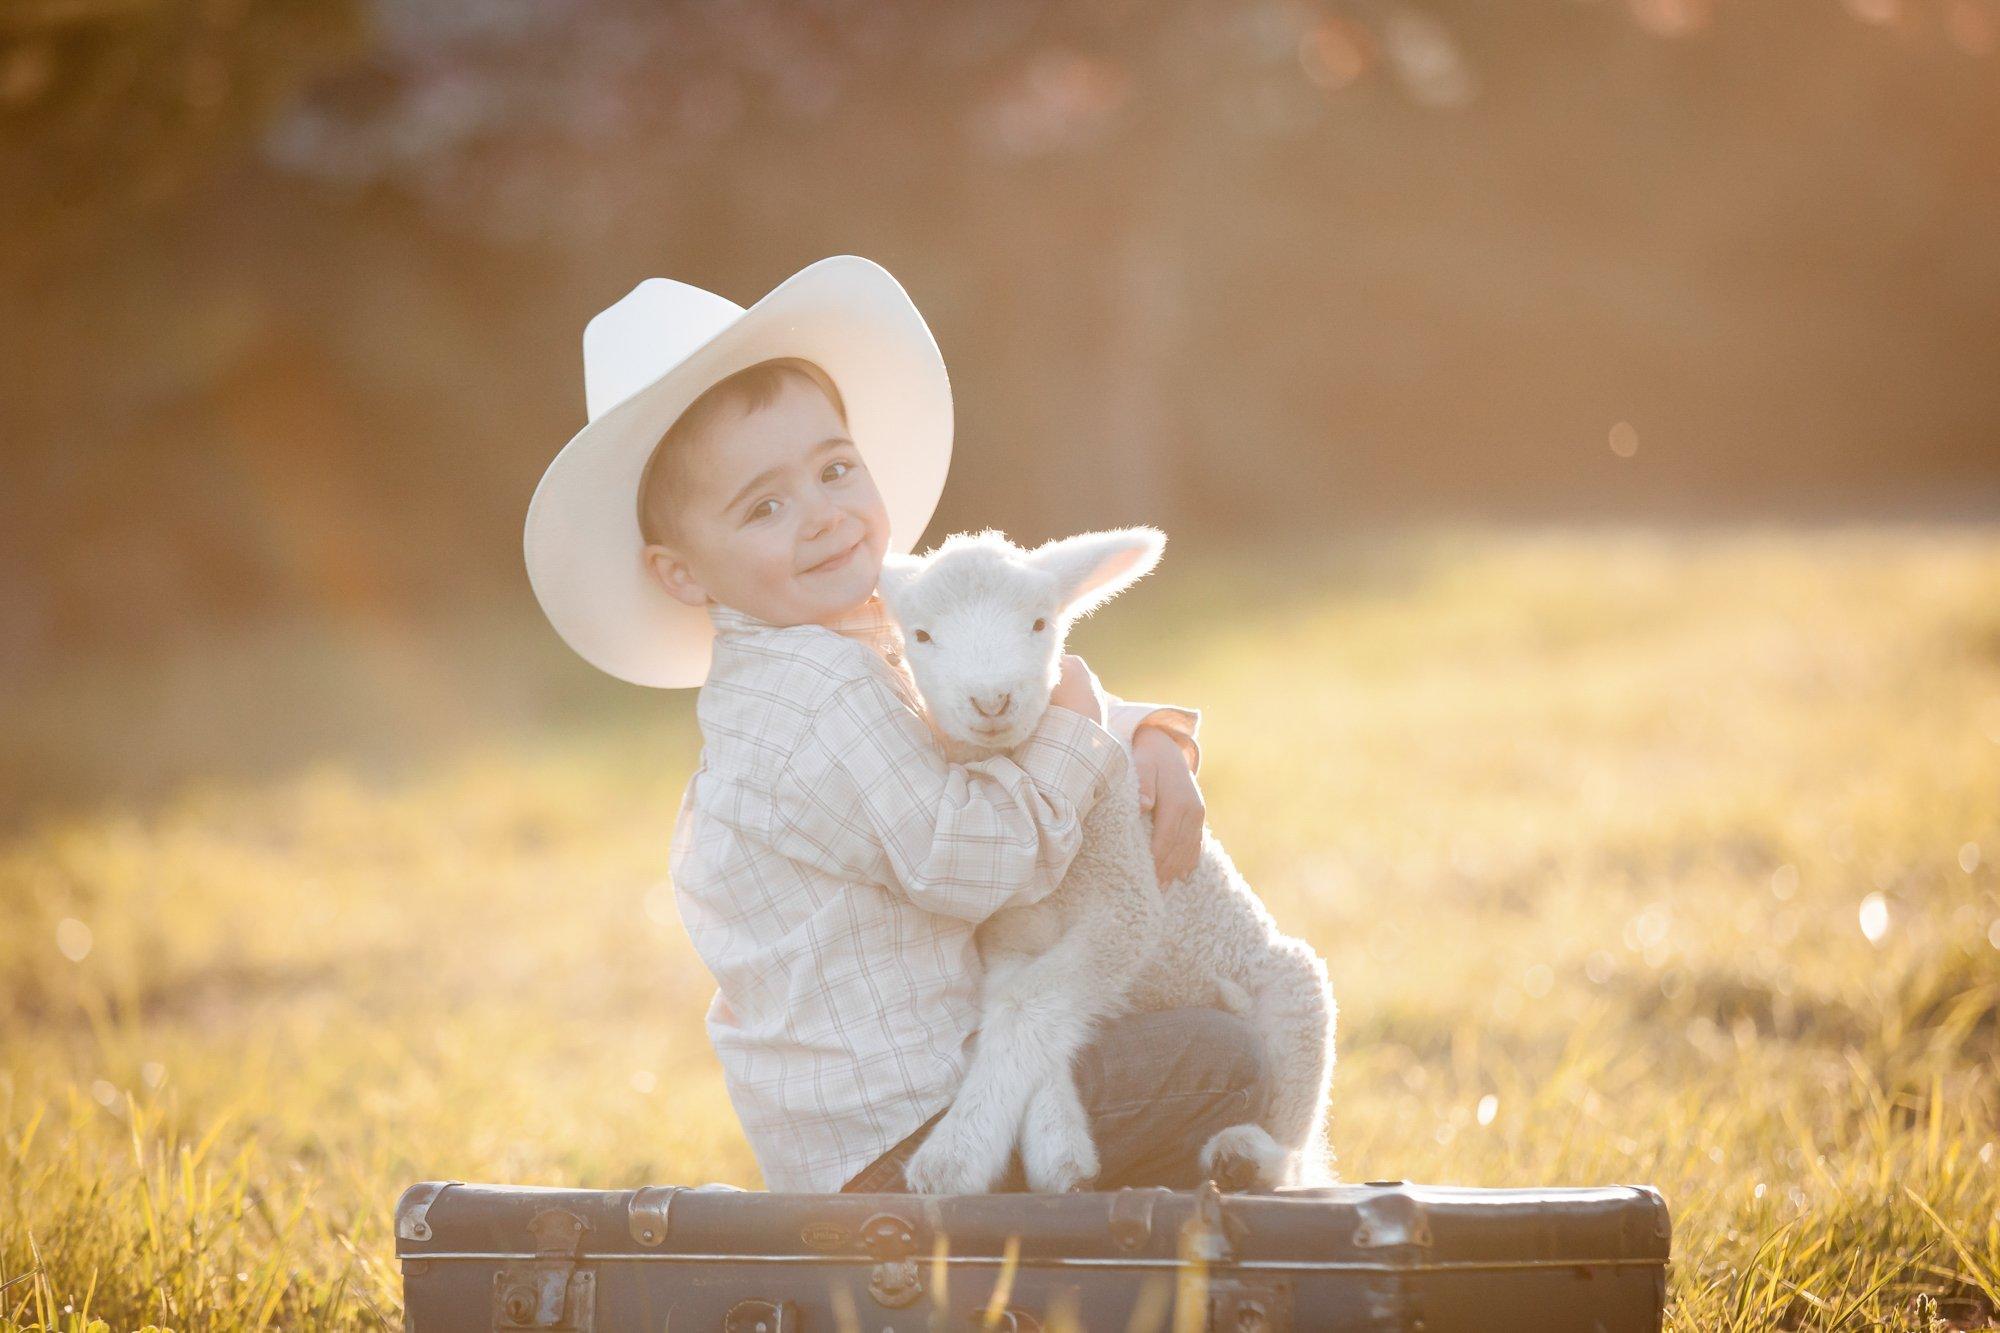 Marcus | Springtime On the Farm